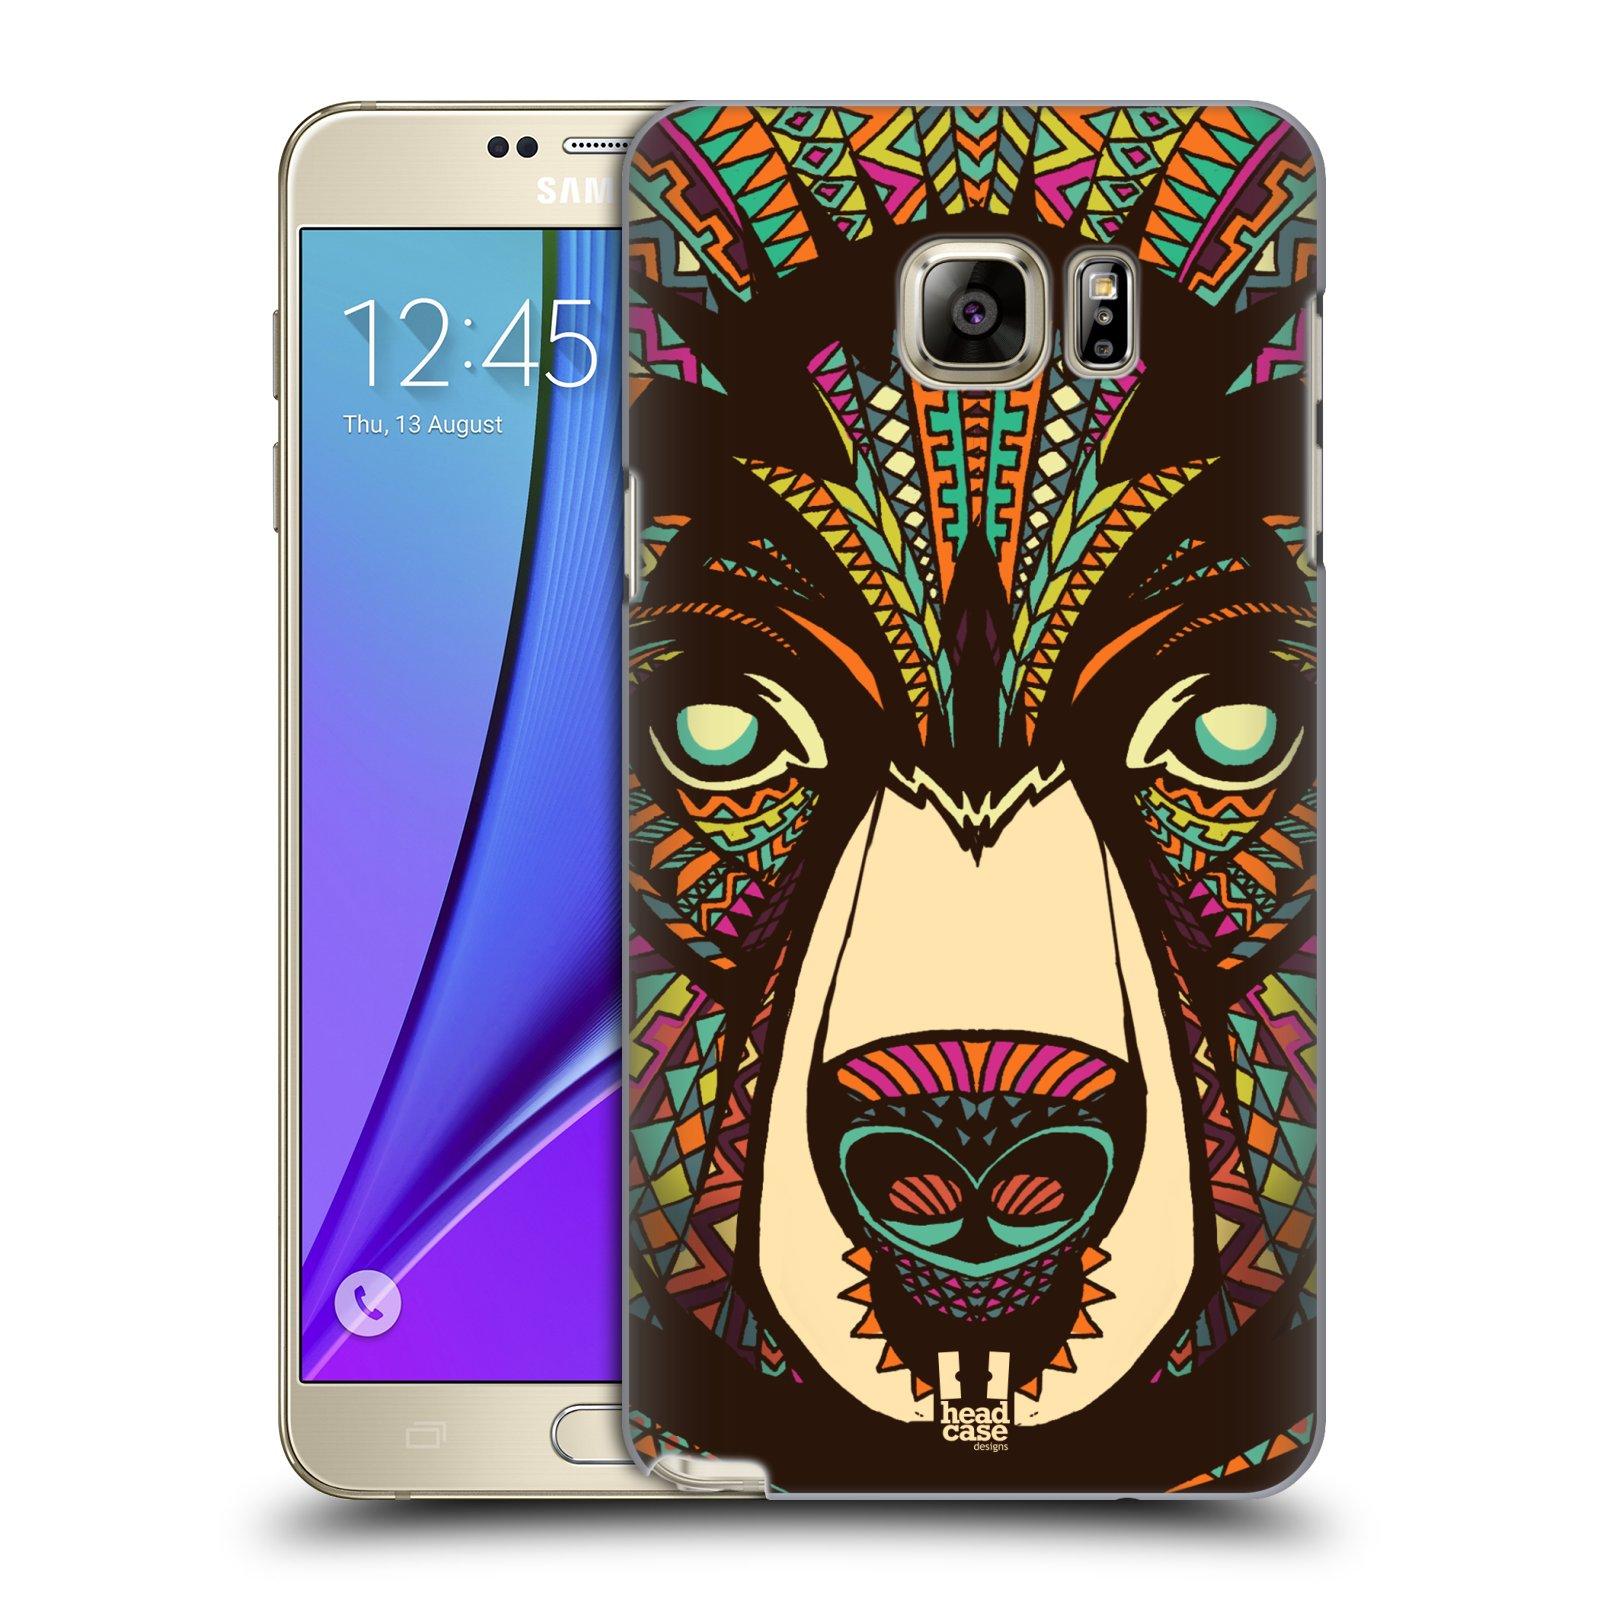 HEAD CASE plastový obal na mobil SAMSUNG Galaxy Note 5 (N920) vzor Aztécký motiv zvíře medvěd